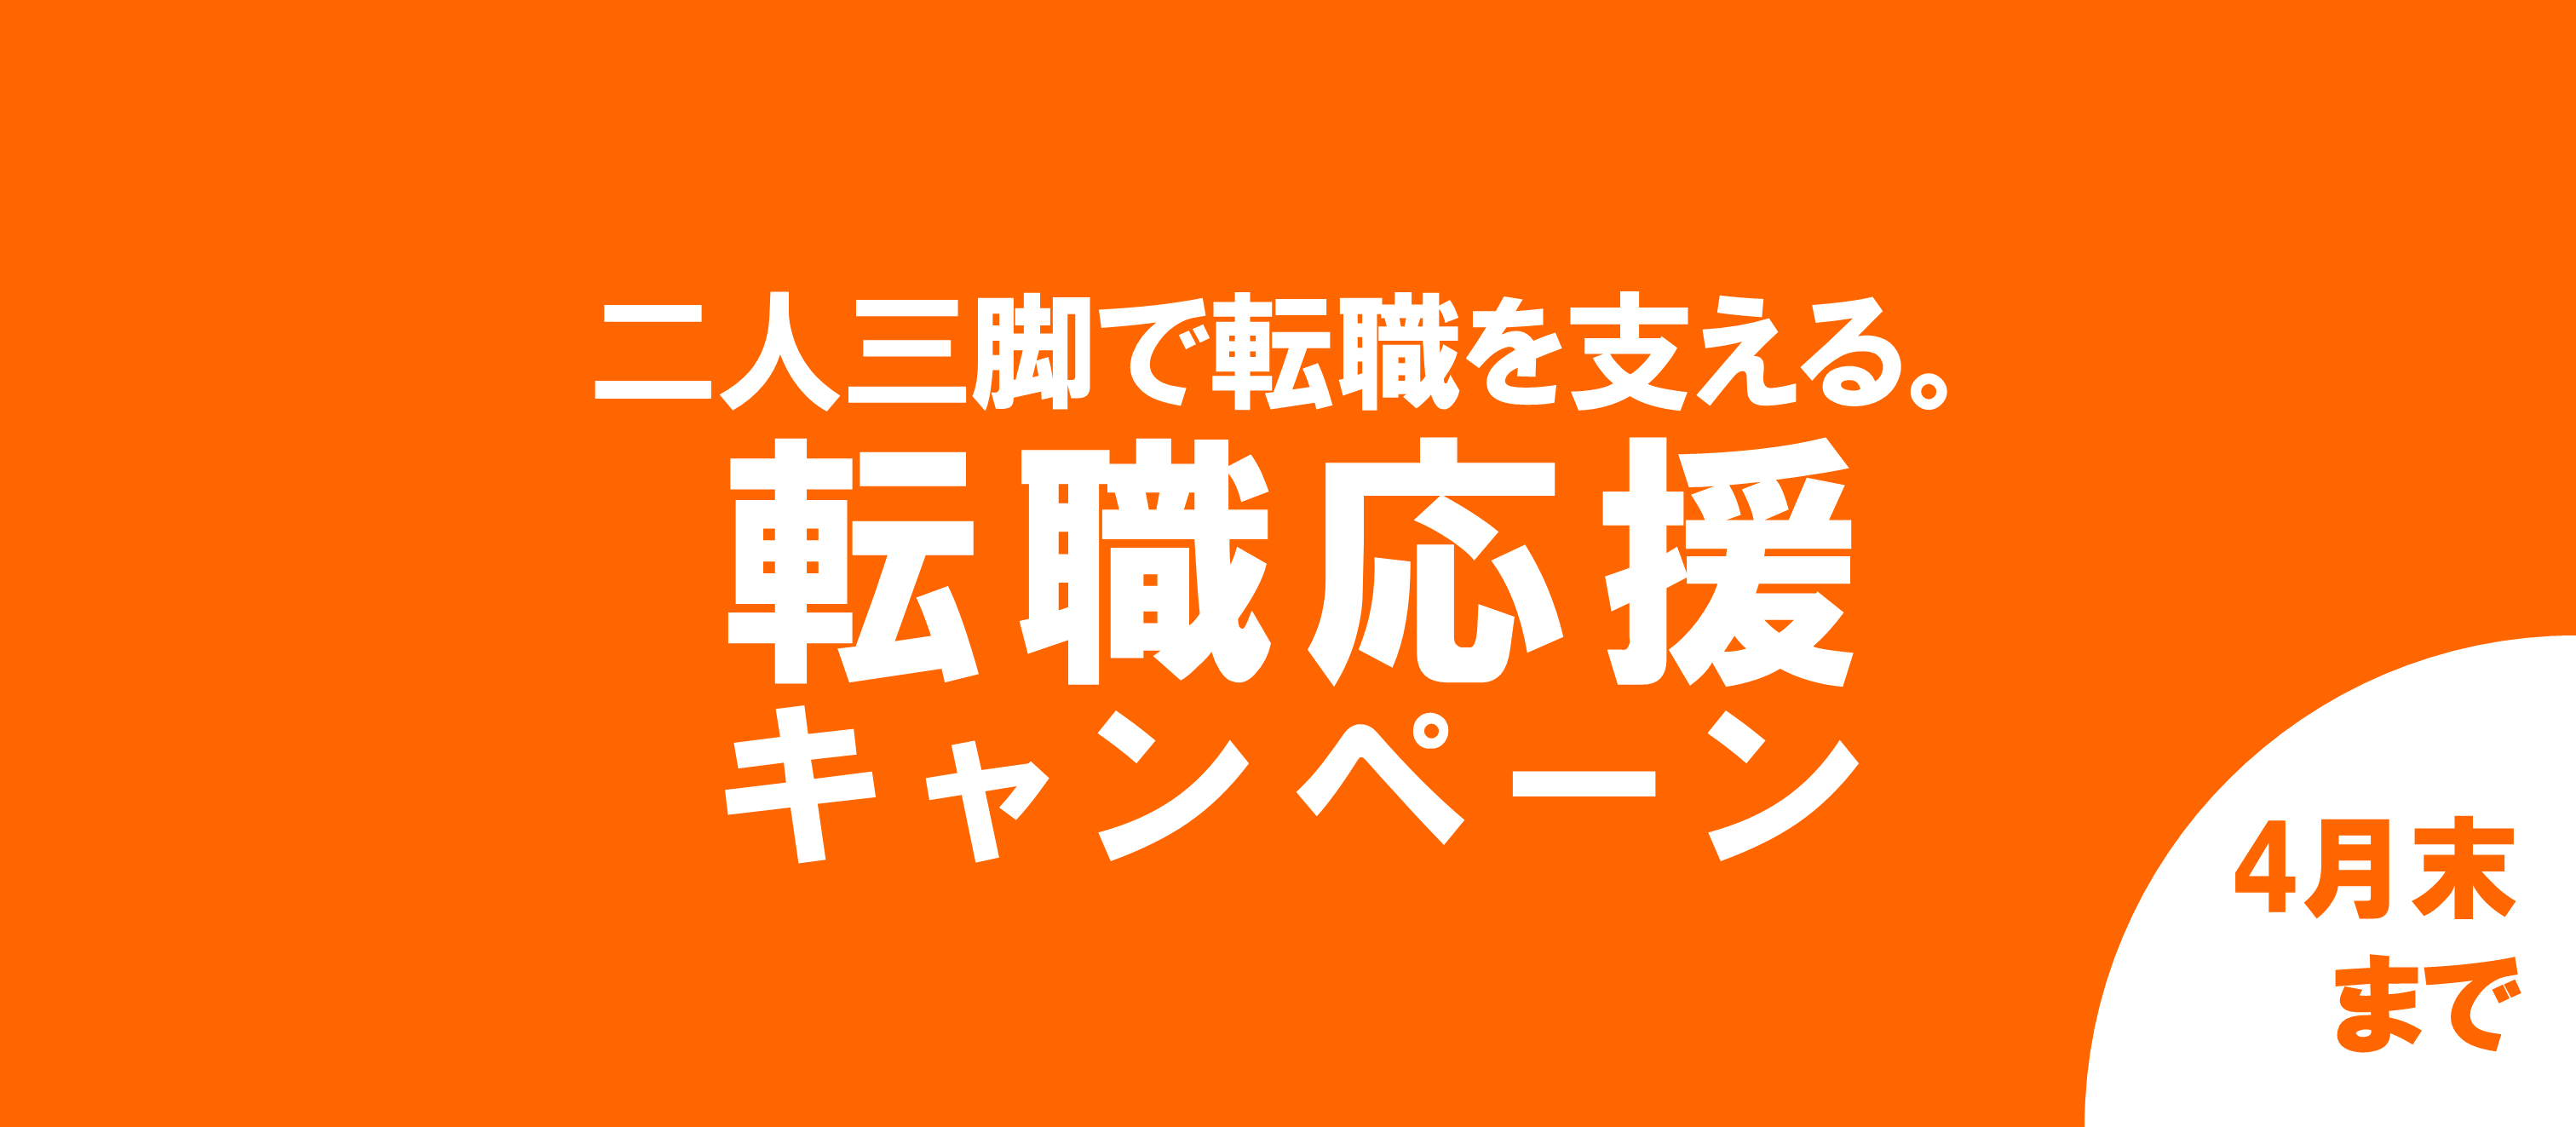 転職応援キャンペーン